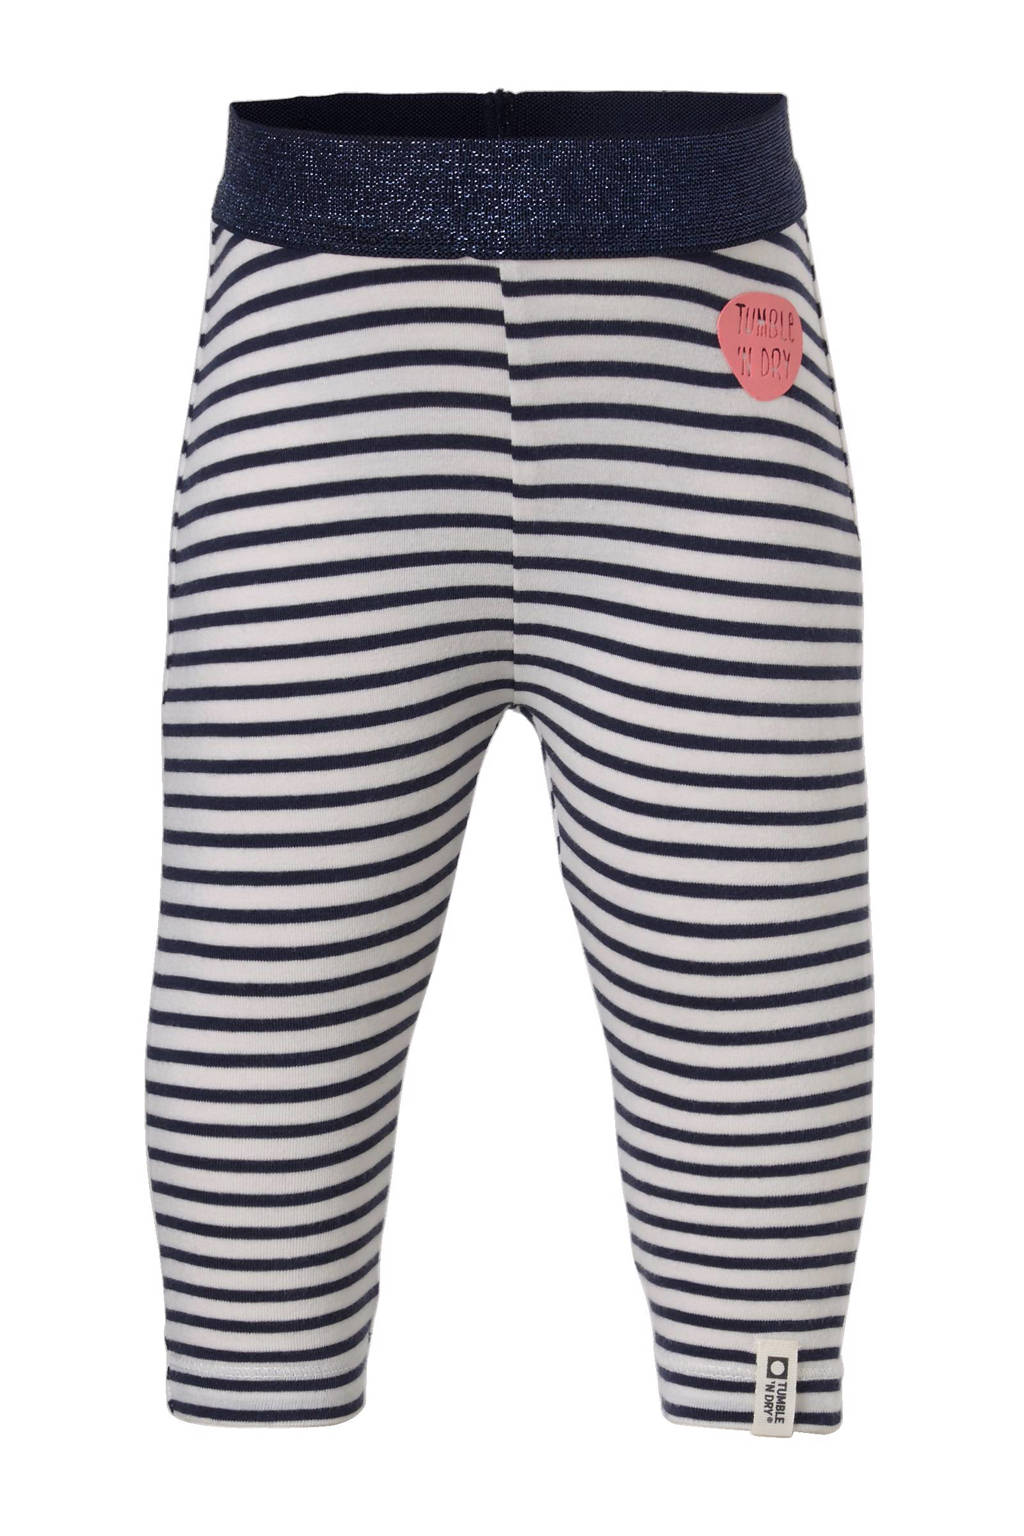 Tumble 'n Dry Zero baby gestreepte legging Zeena blauw/wit, Donkerblauw/wit